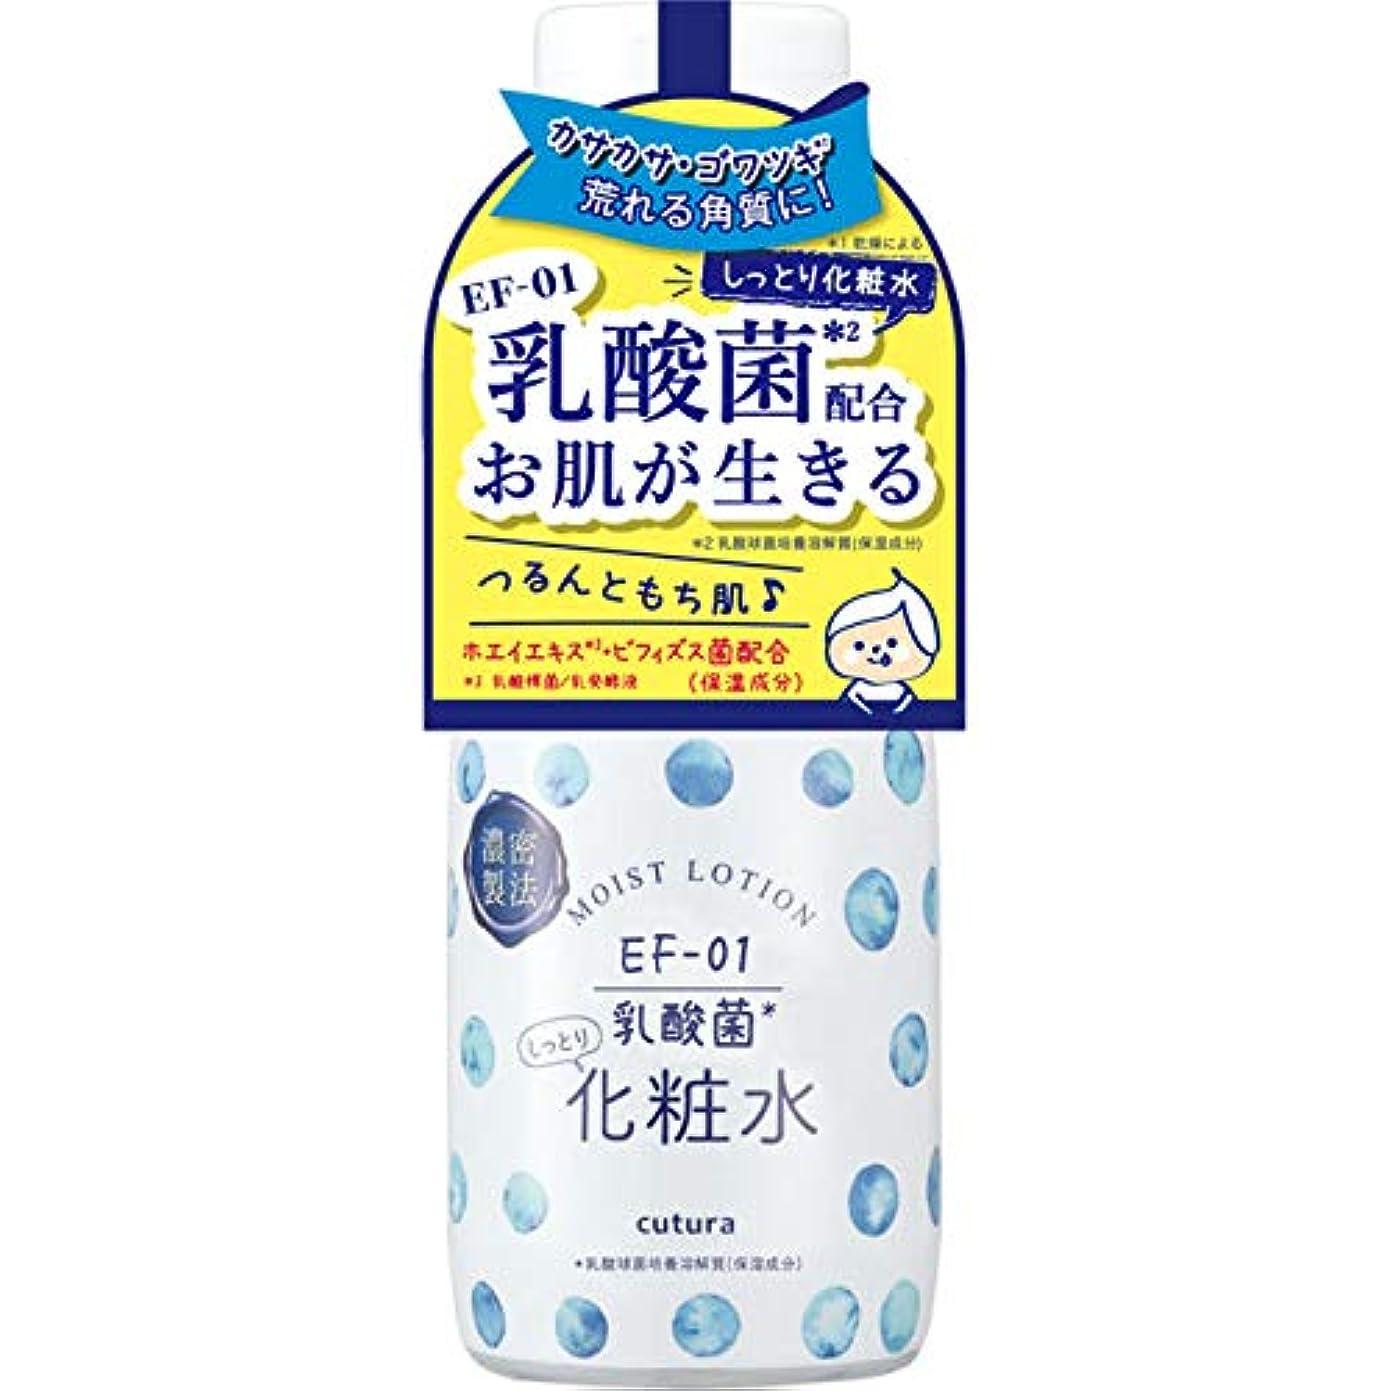 アンソロジー文字通り研磨剤pdc キュチュラ しっとり化粧水 N 200ml